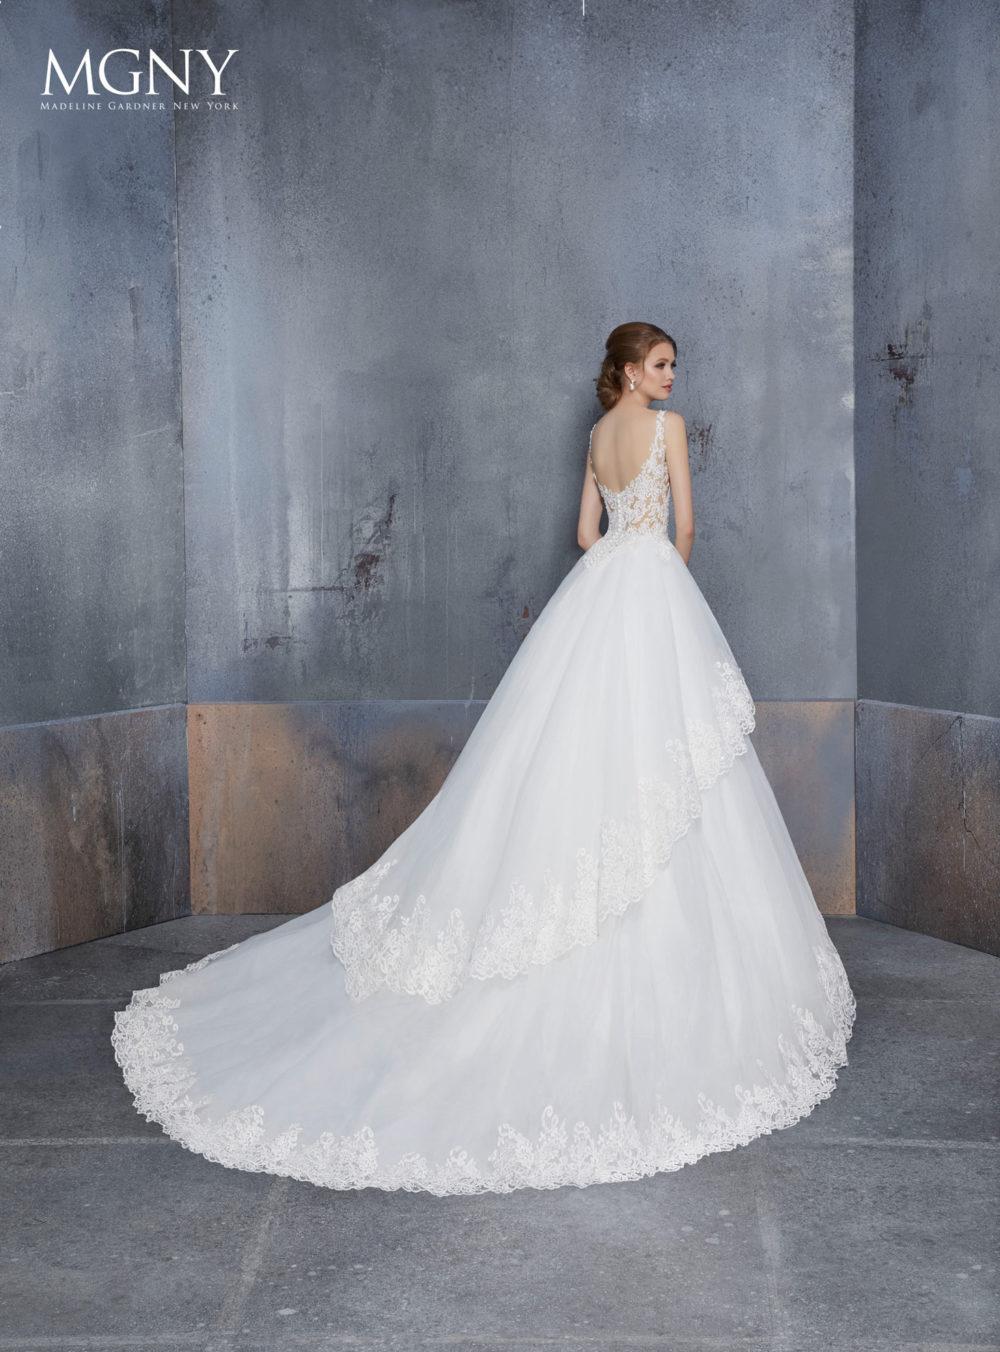 Mariages: abito da sposa Morilee 2020 a Vicenza, Verona, Padova, Veneto 51528